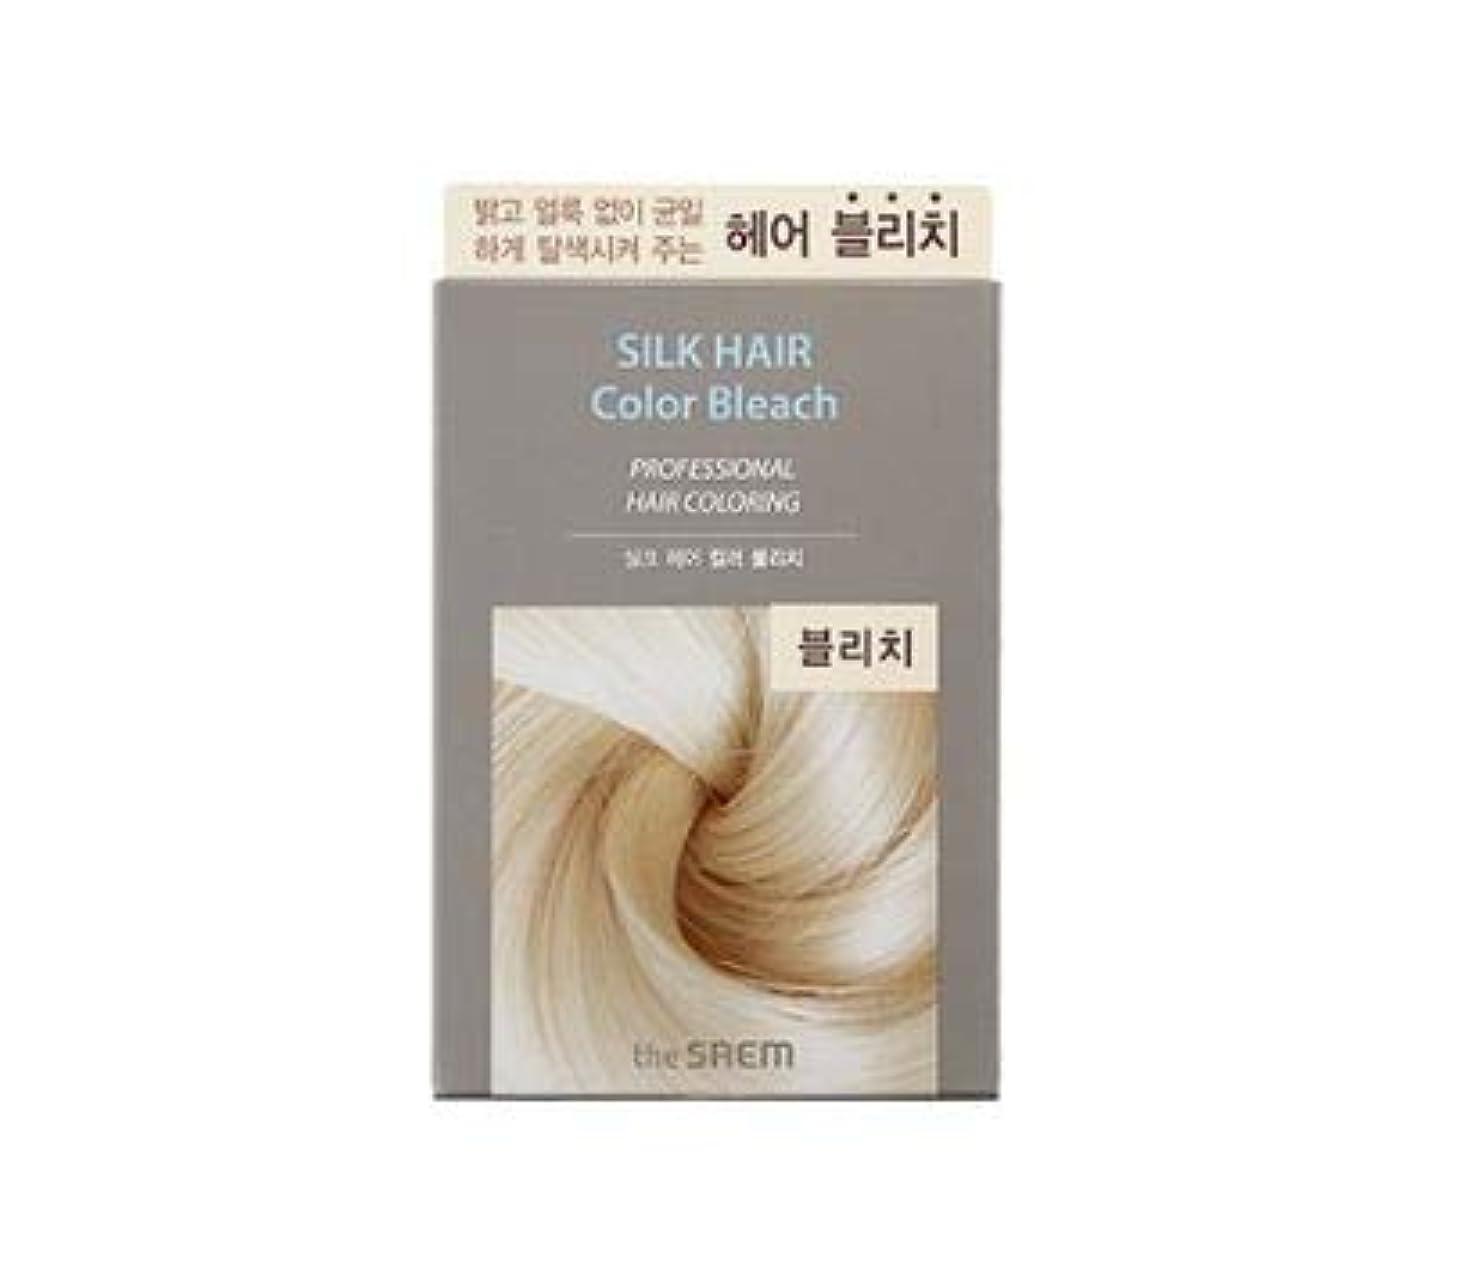 診断する統計的近似The Saem SliK Hair Color Bleach ザセムシルクヘアカラーブリーチ [並行輸入品]